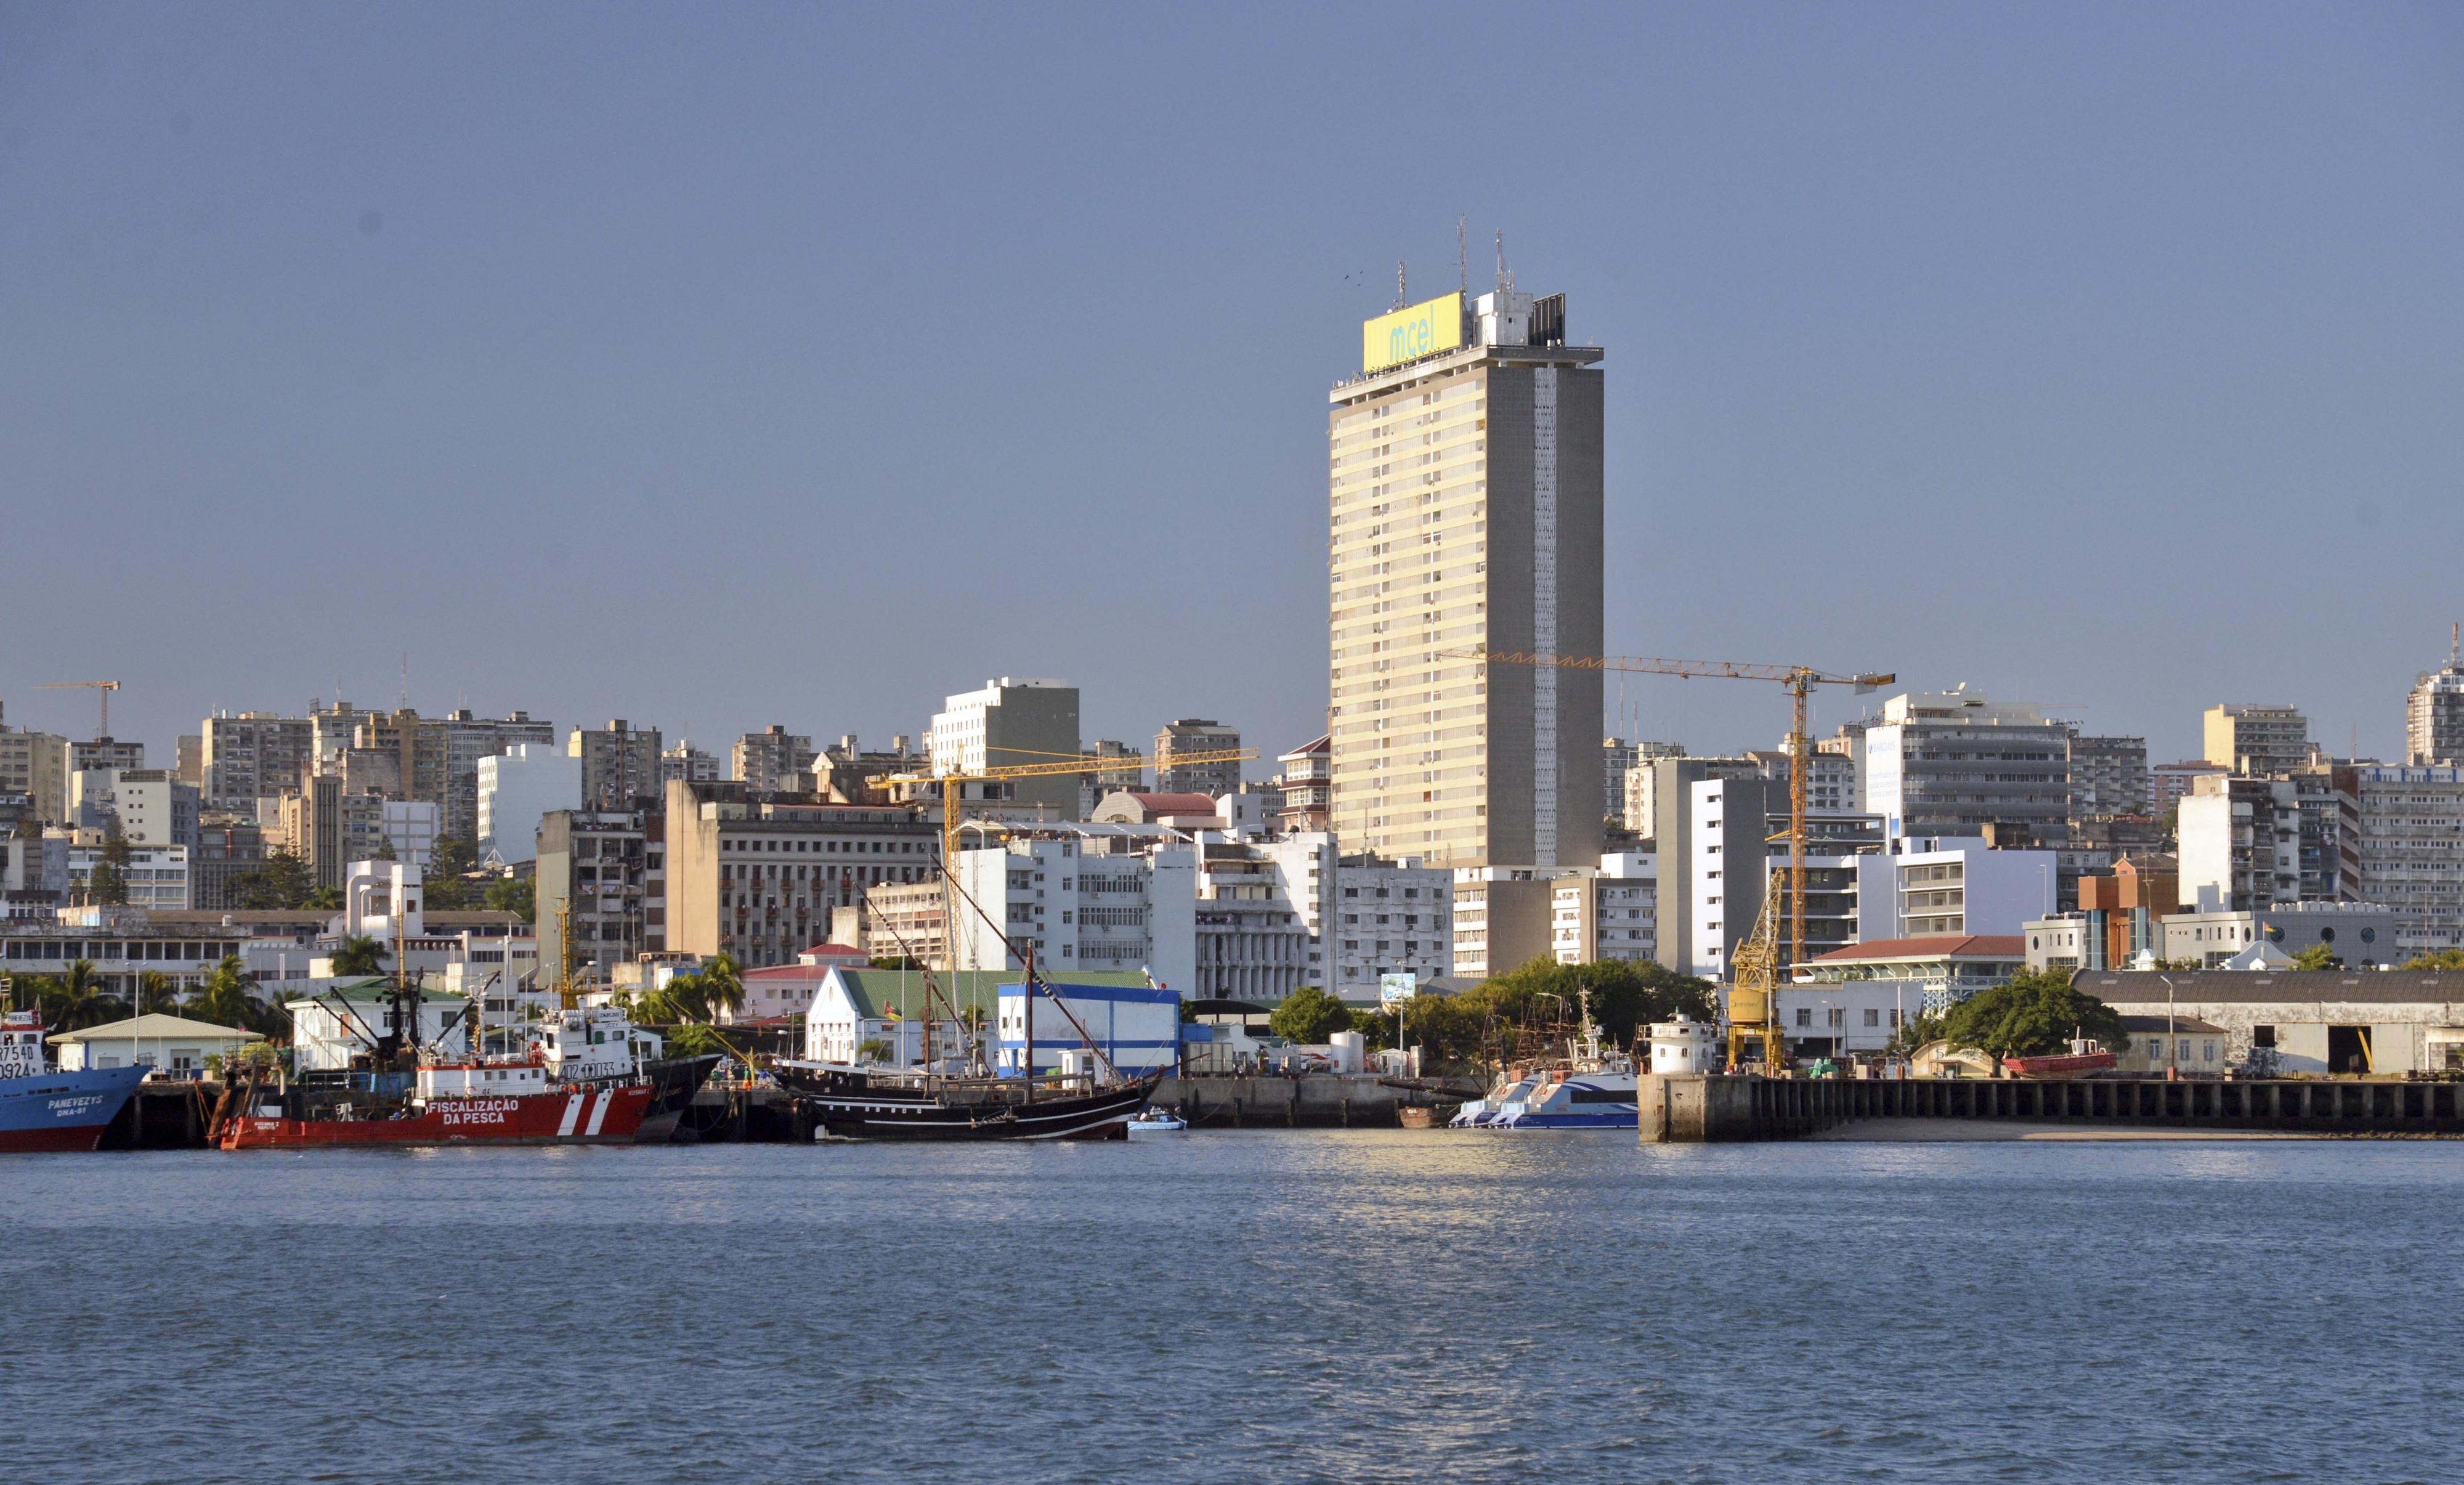 Procuradora-Geral de Moçambique acusa bancos de falta de comunicação de transações suspeitas